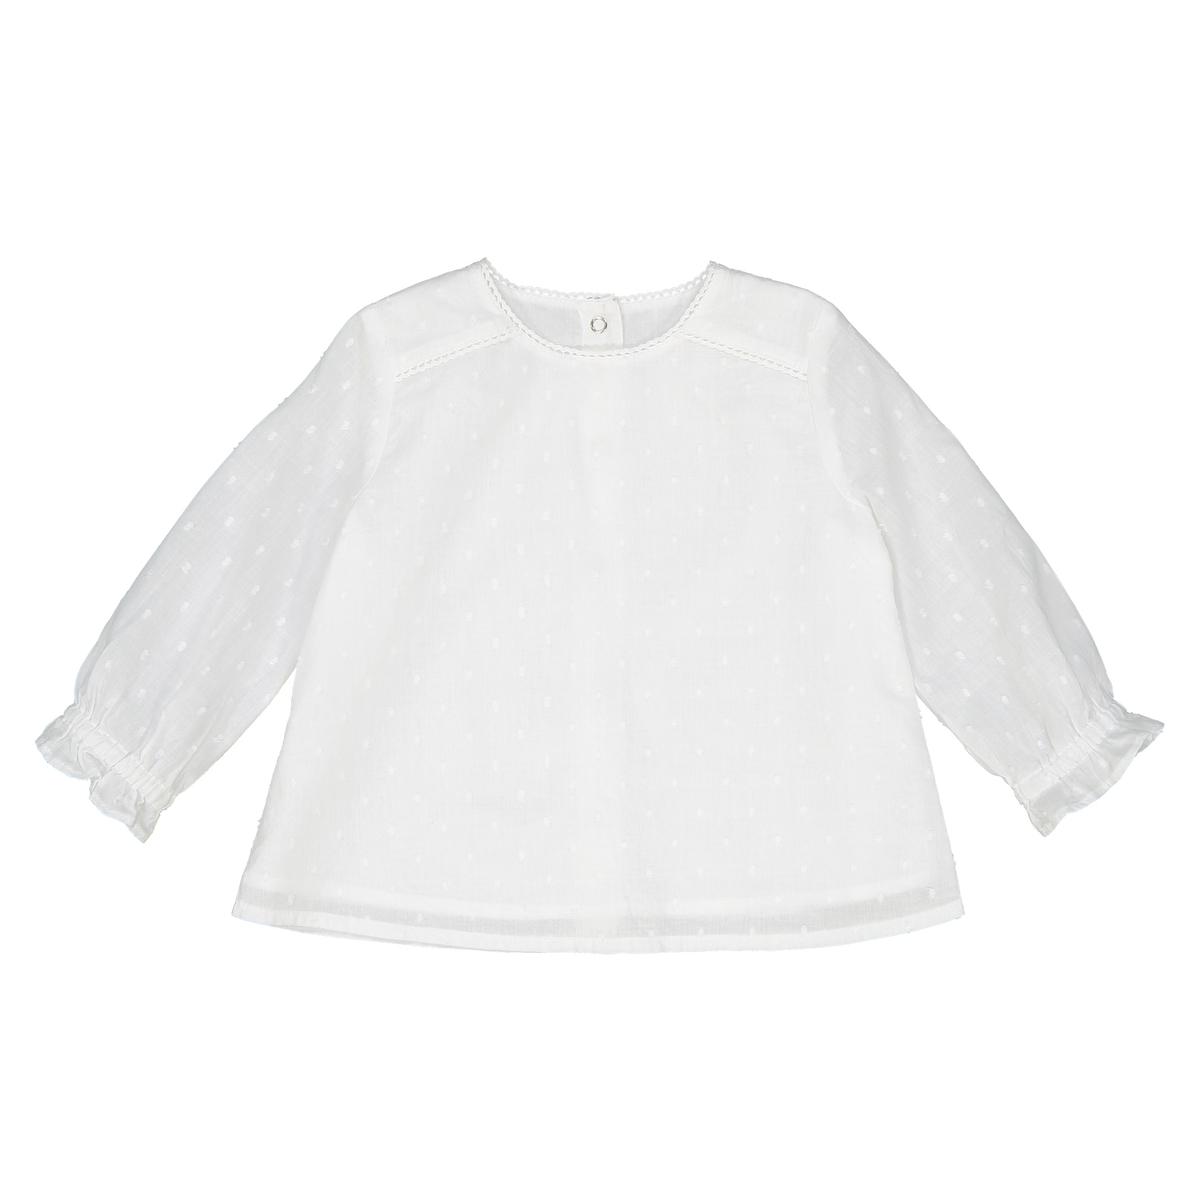 Блузка La Redoute С длинными рукавами и вырезом из кружева мес - года 0 мес. - 50 см белый футболка la redoute с длинными рукавами с вышивкой мес года 0 мес 50 см бежевый